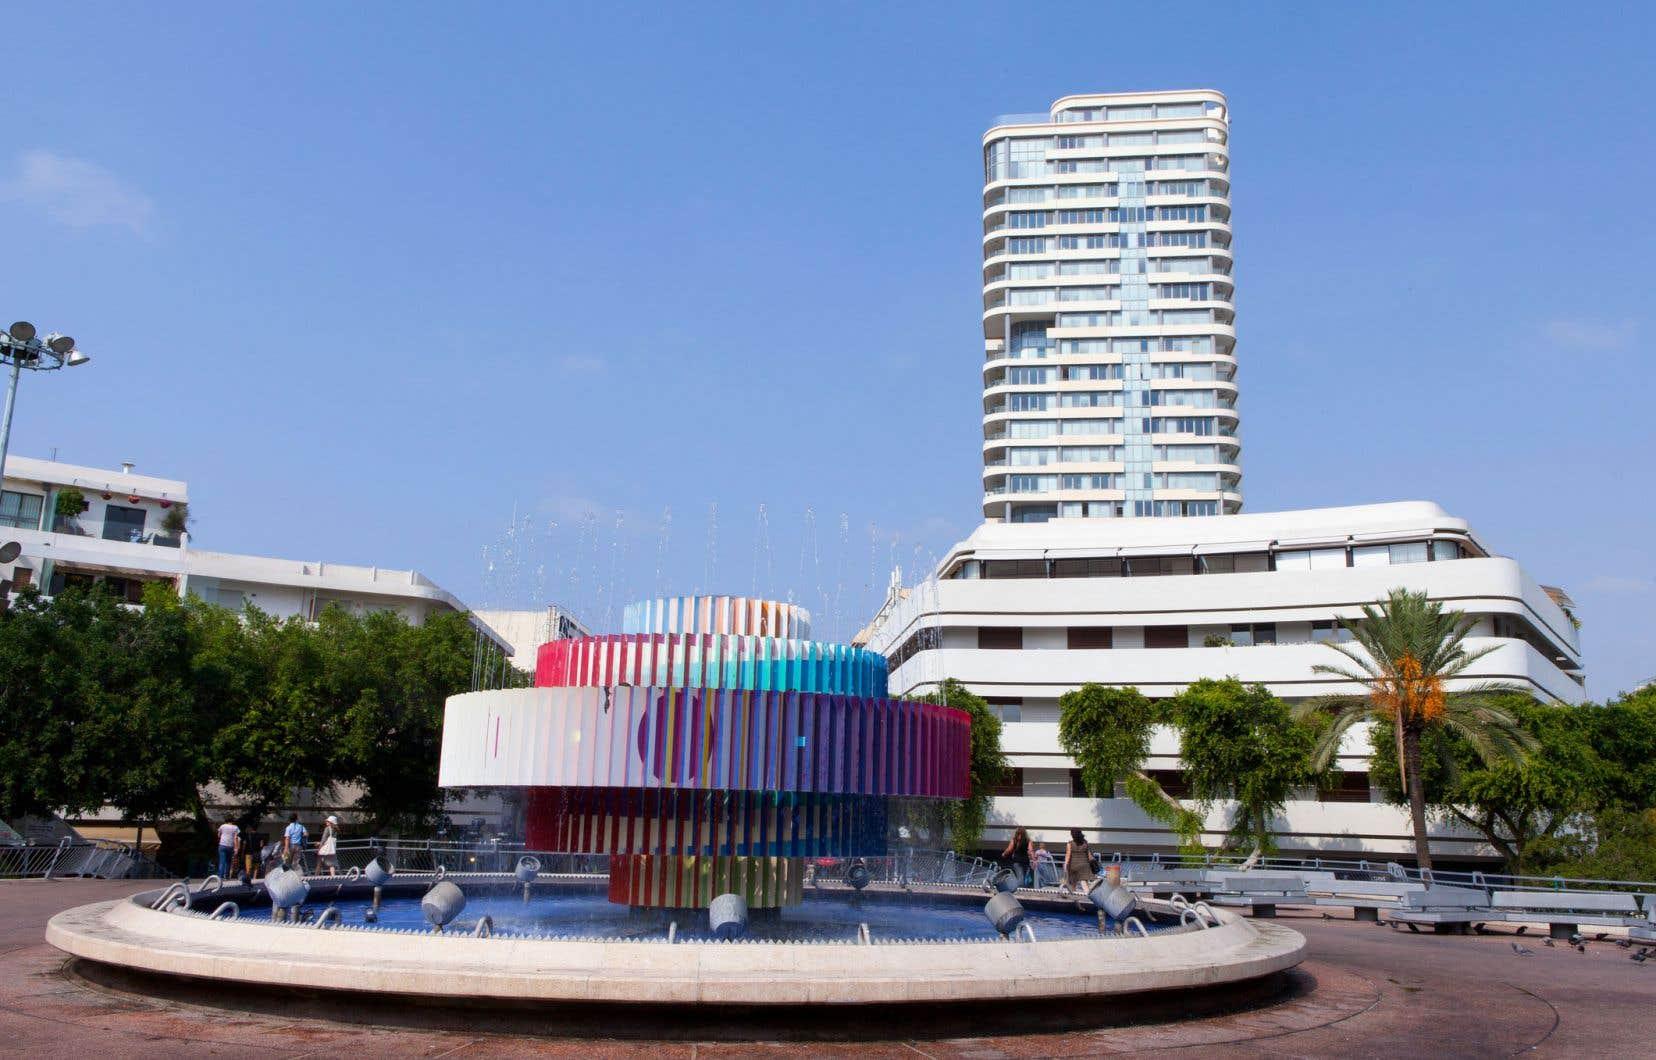 La place Dizen-goff de Tel-Aviv est considérée comme la seule place typique-ment Bauhaus d'une grande ville.